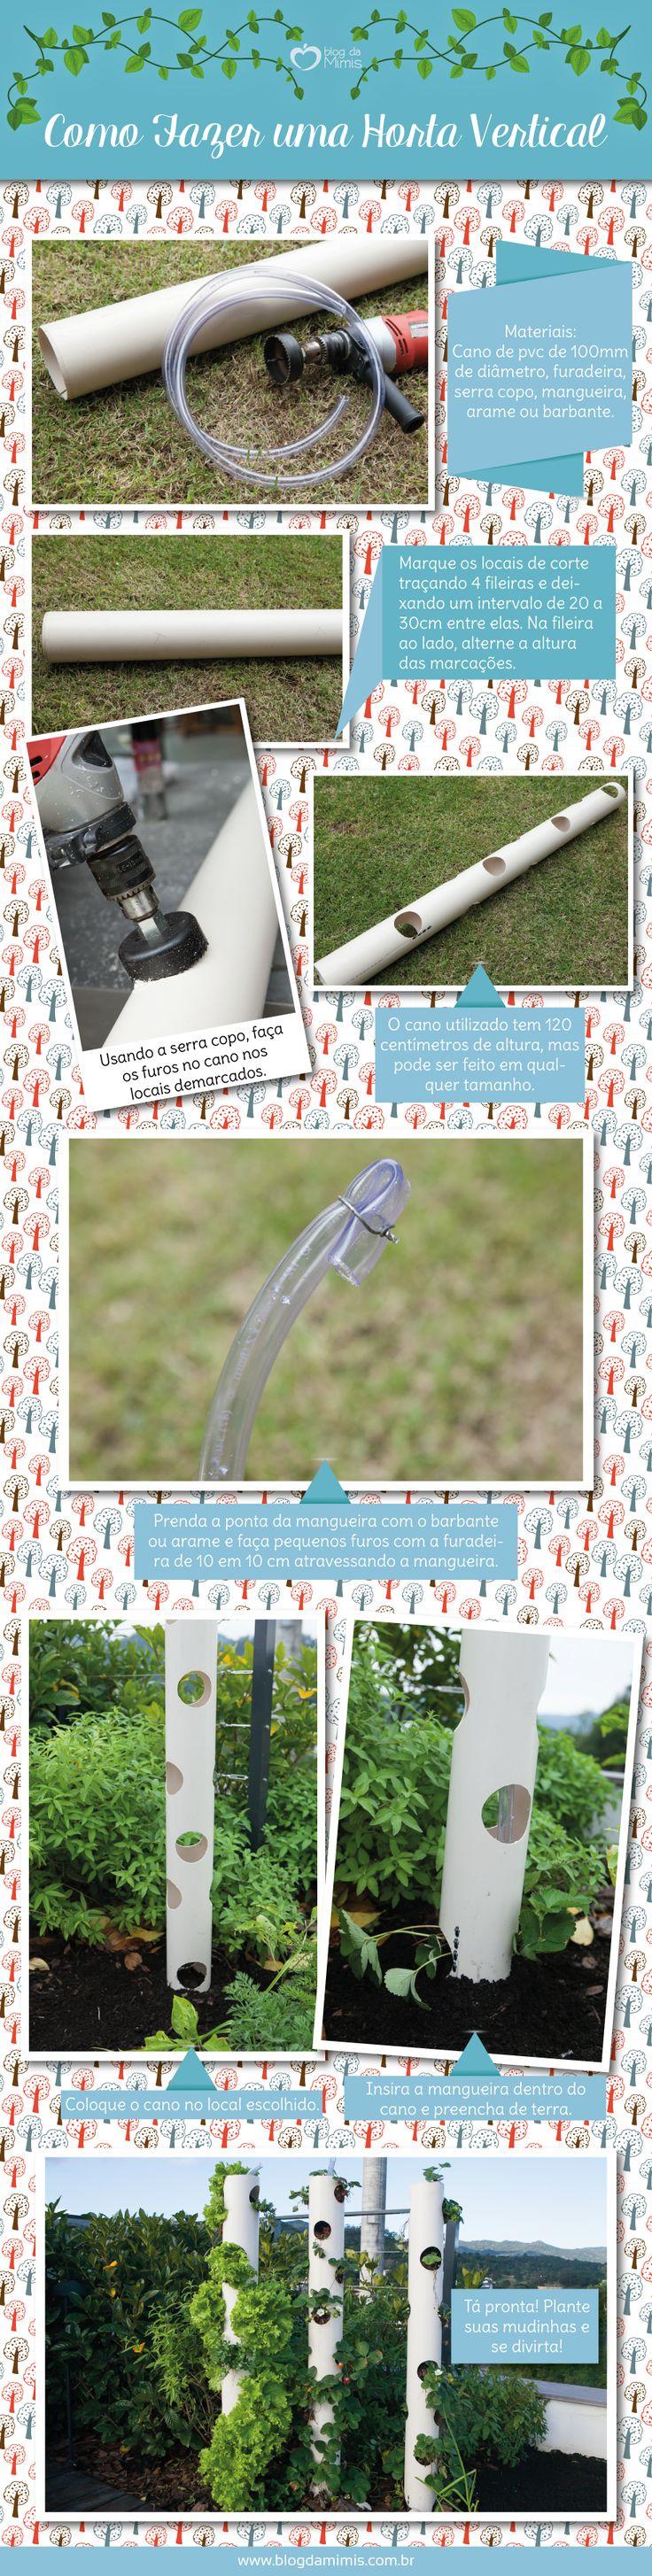 DIY: Como fazer uma horta vertical - Blog da Mimis -  Tutorial ensina fazer uma horta vertical fácil e charmosa.